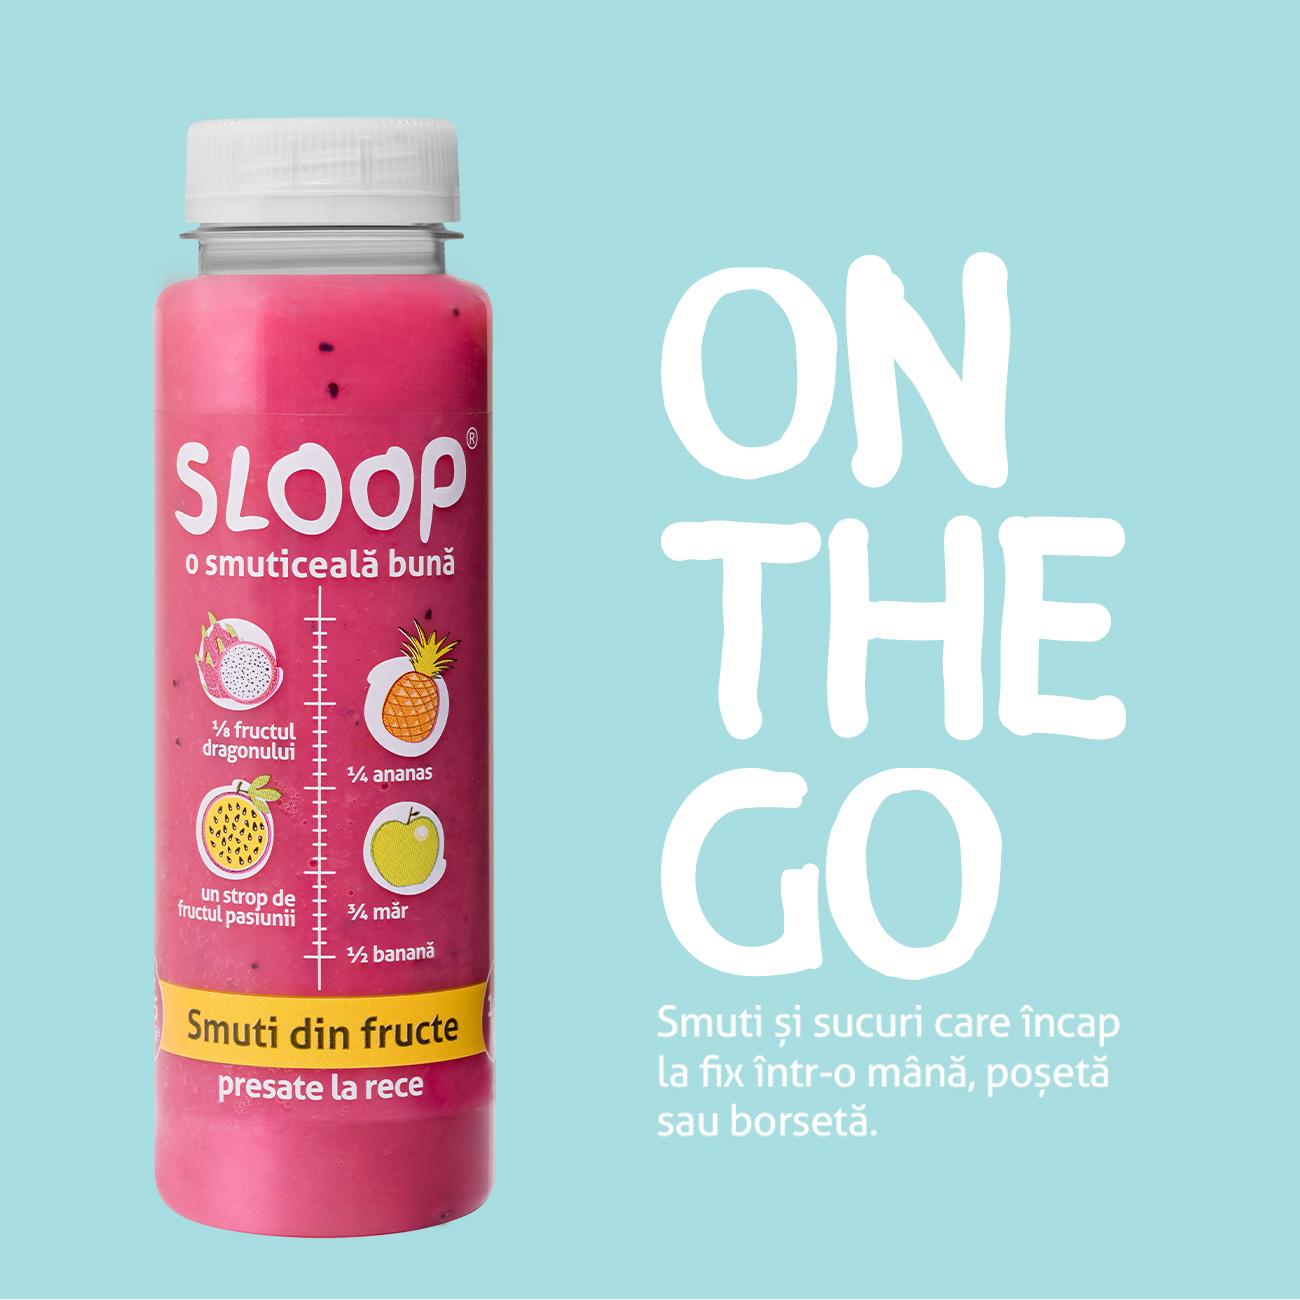 SLooP - Smuti si sucuri naturale